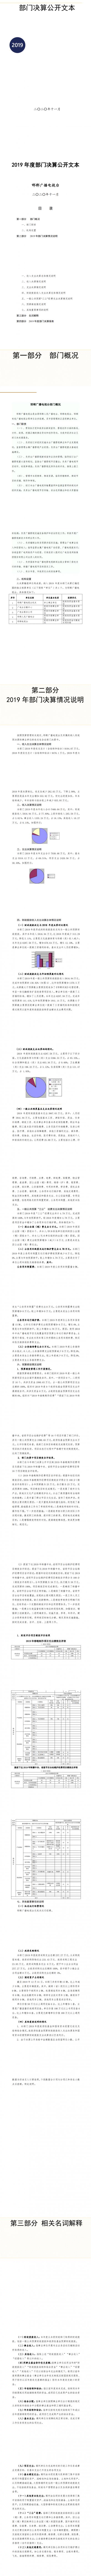 邯鄲廣播電視台2019年度部門決算公開情況說明